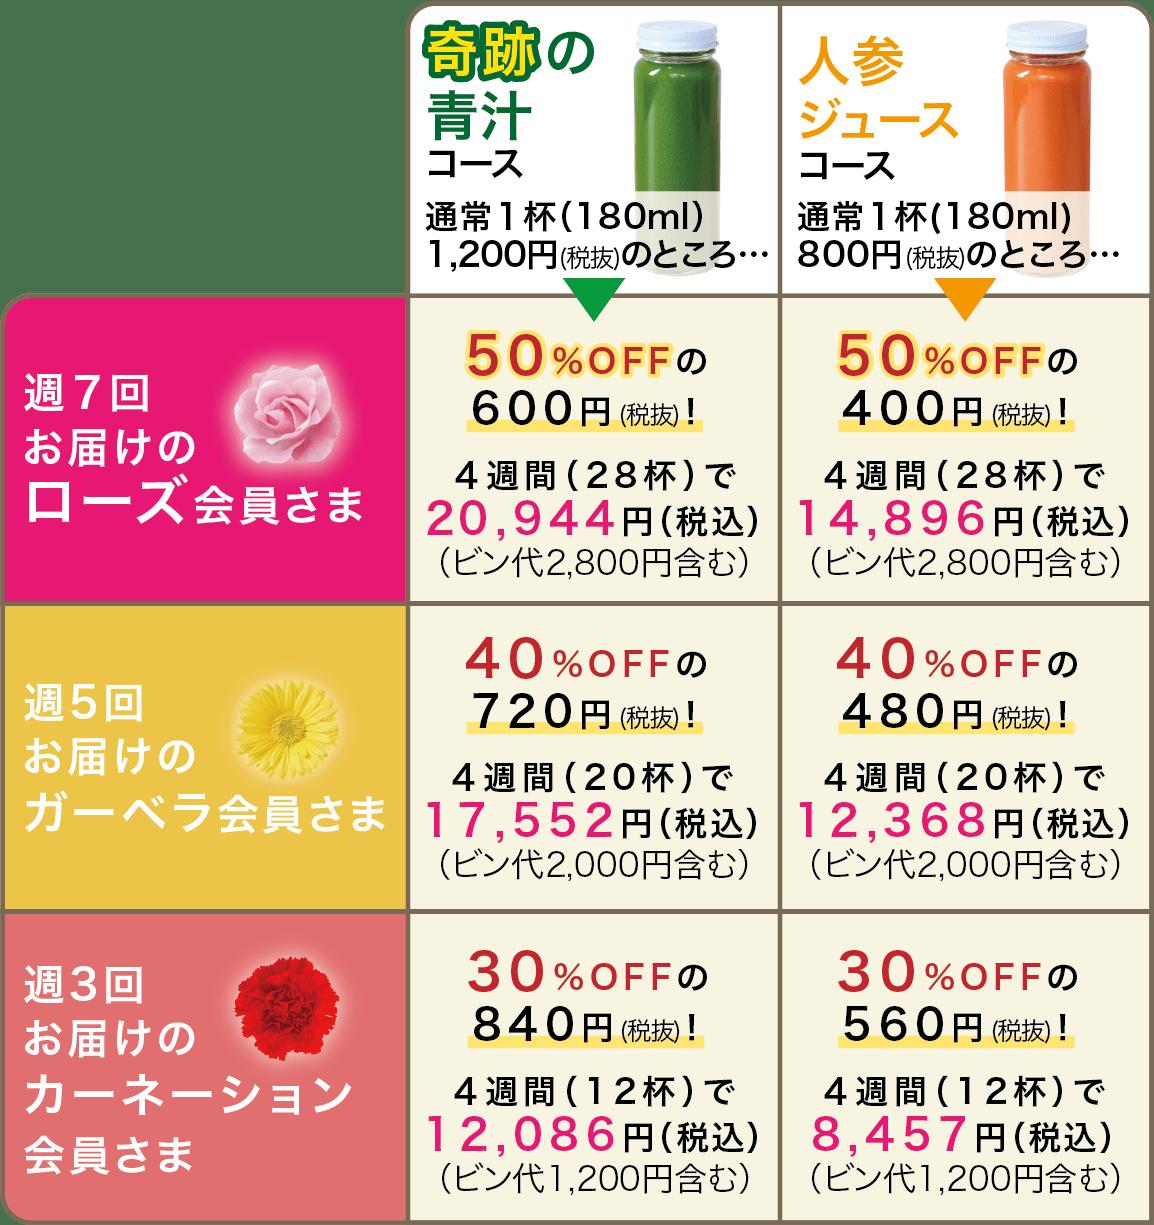 奇跡の青汁コース/人参ジュースコース